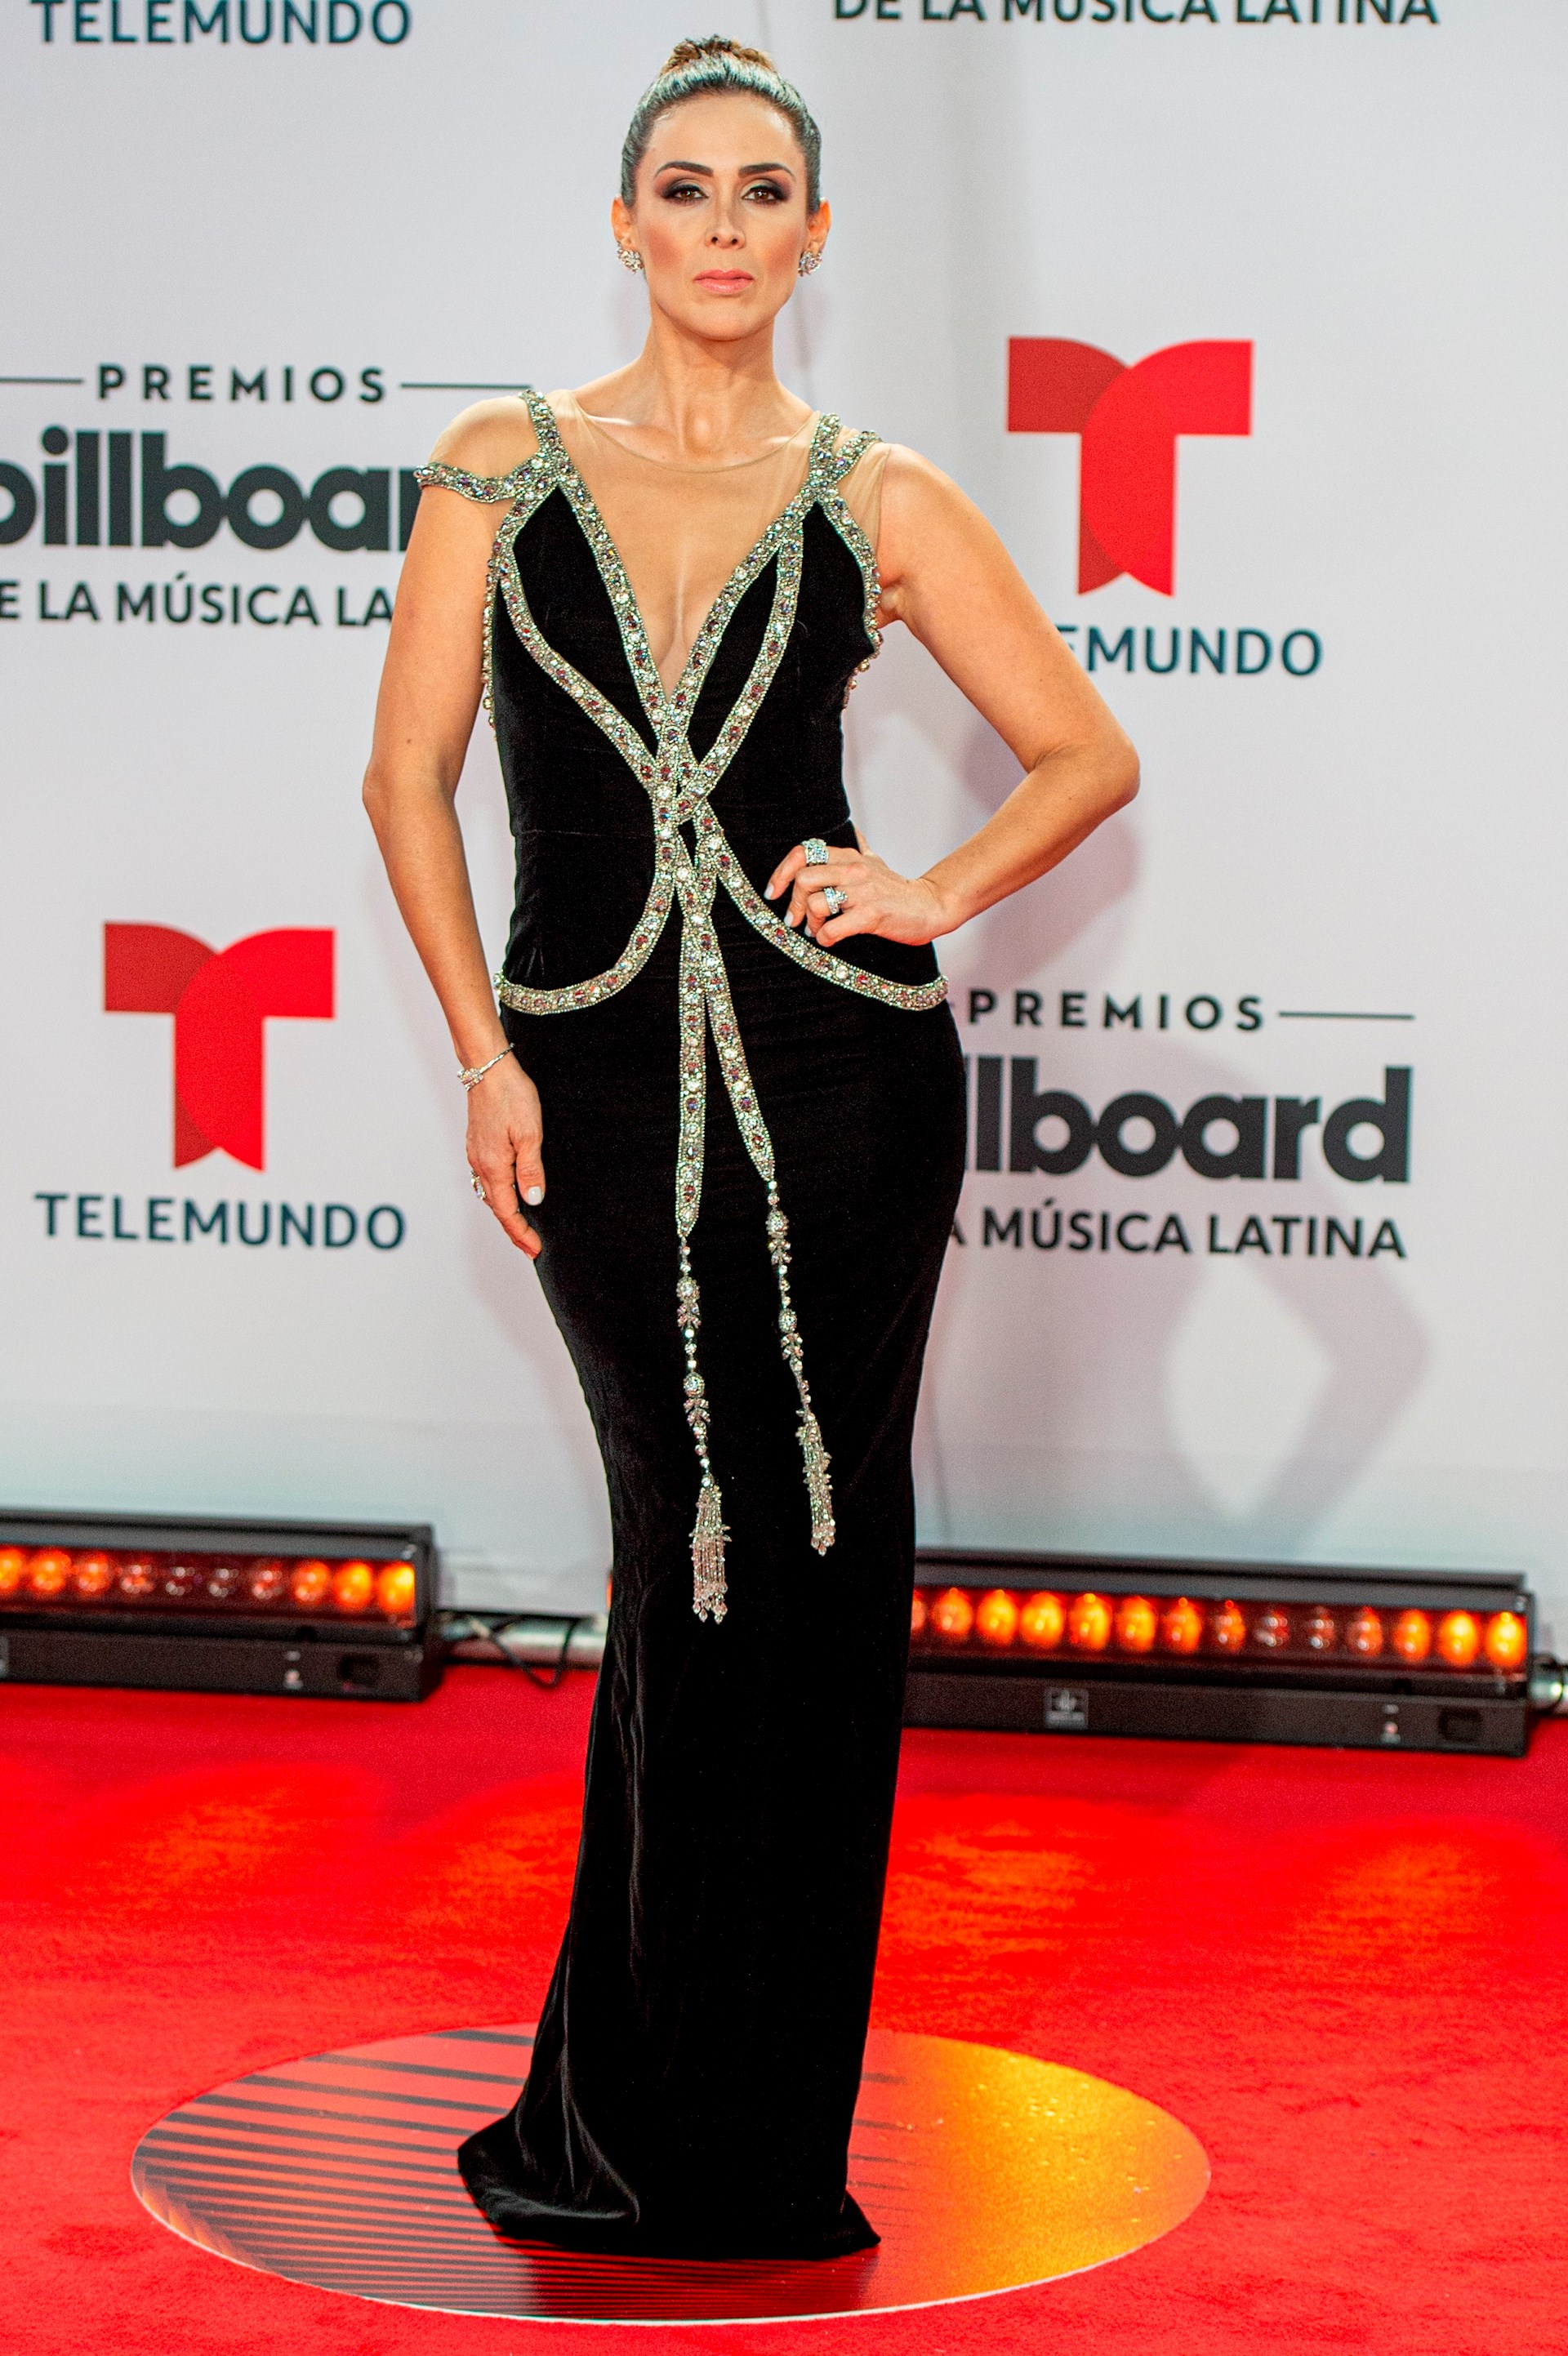 La actriz mexicana Jacqueline Bracamontes (Foto: EFE/Giorgio Viera)